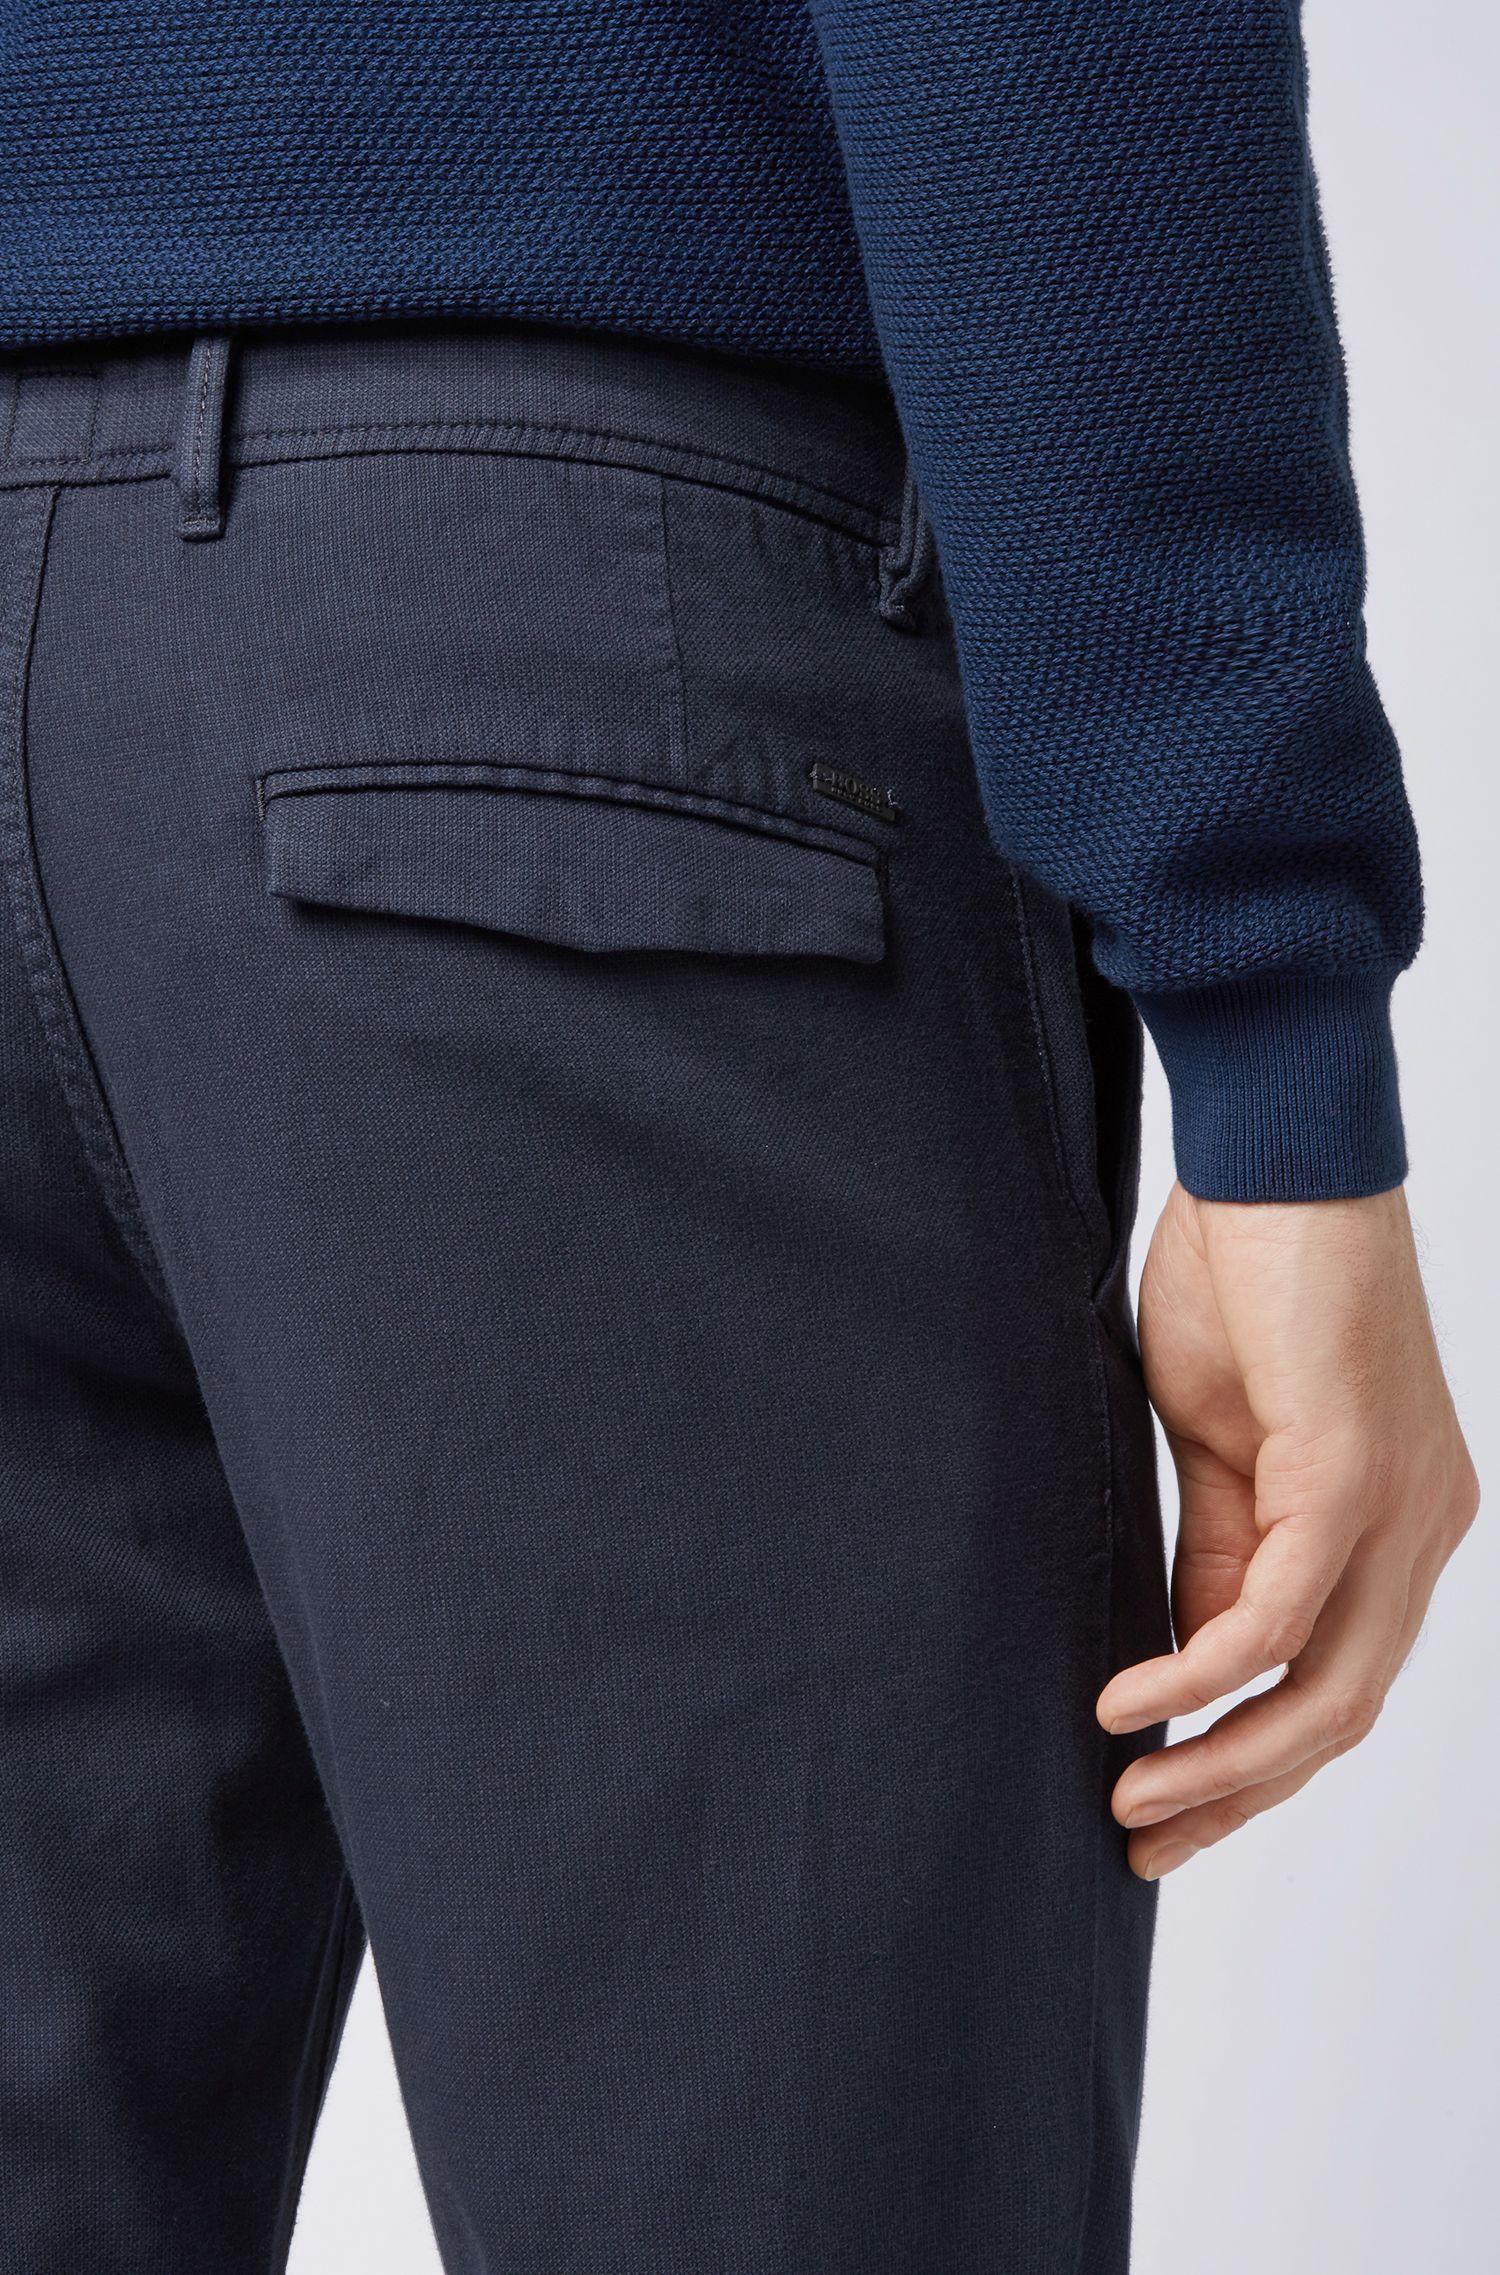 Pantalon Slim Fit à doubles passants, Bleu foncé